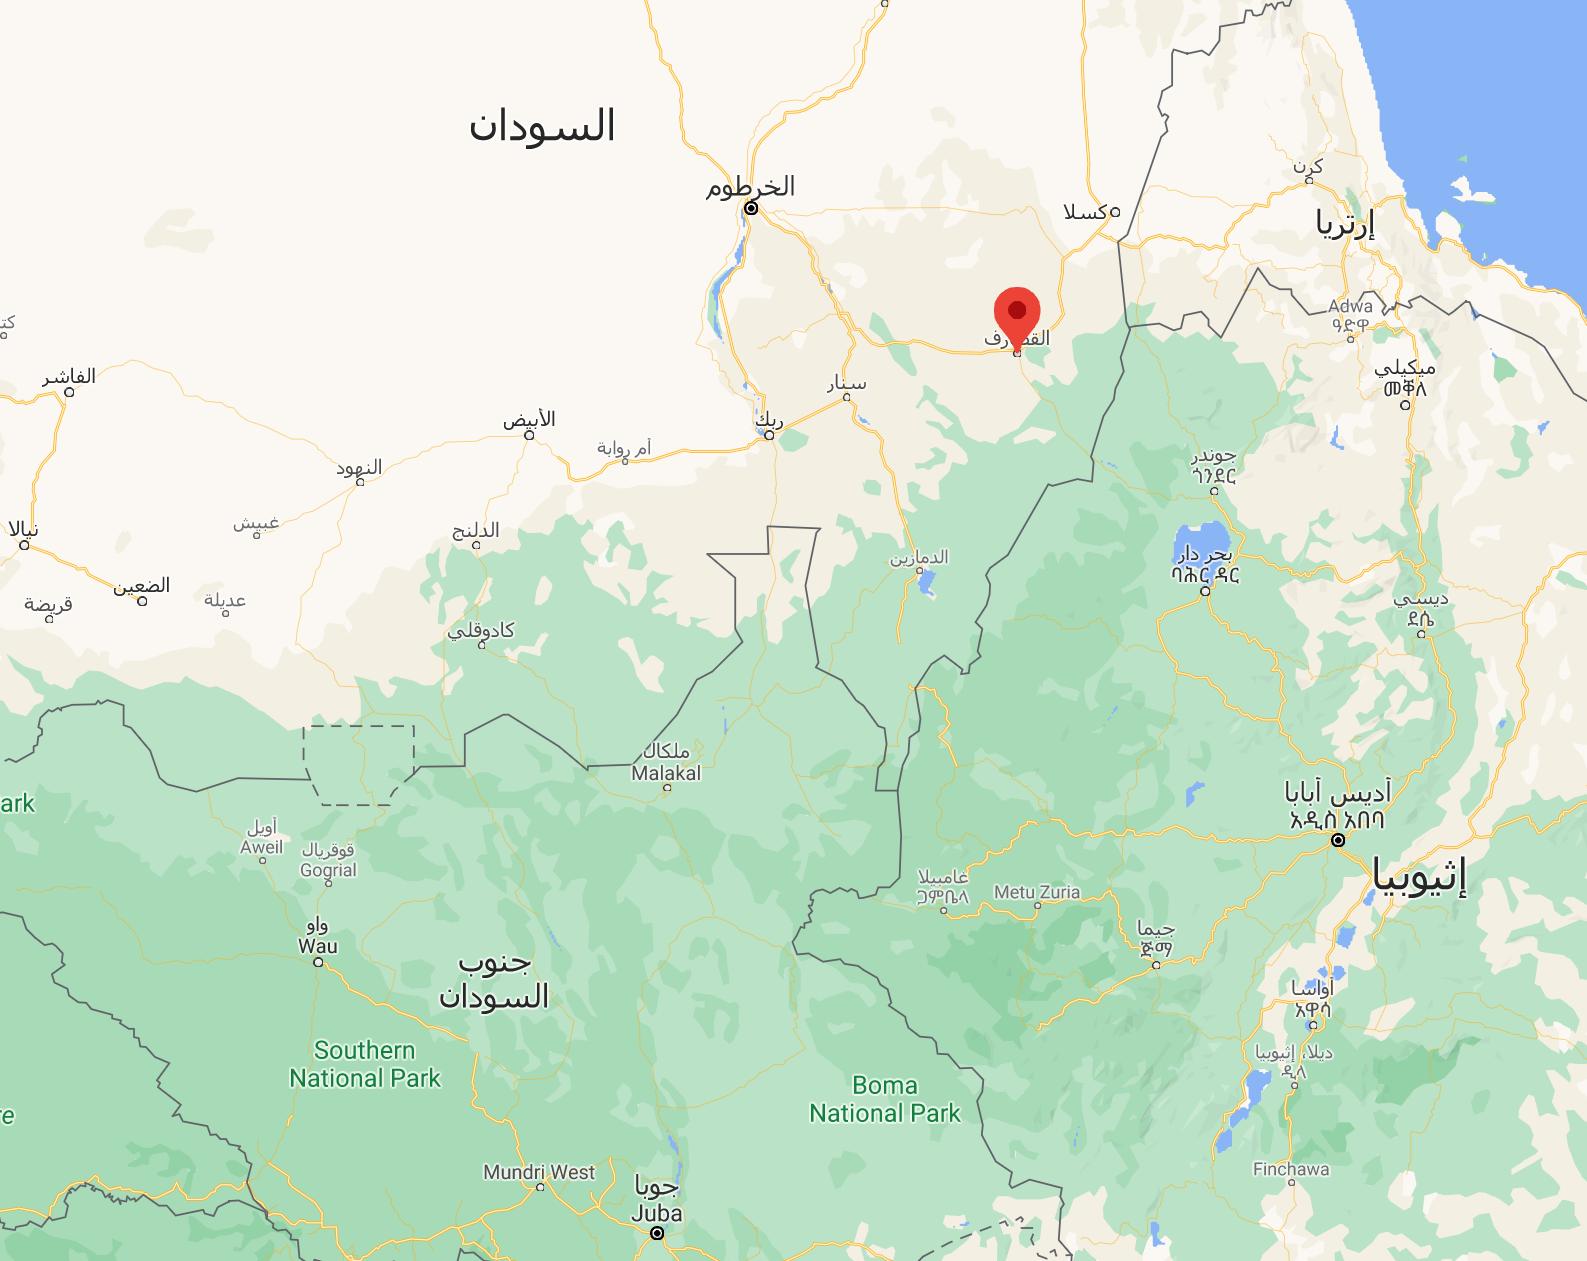 موقع ولاية القصارف السودانية المتنازع على بعض مناطقها بين السودان وإثيوبيا.